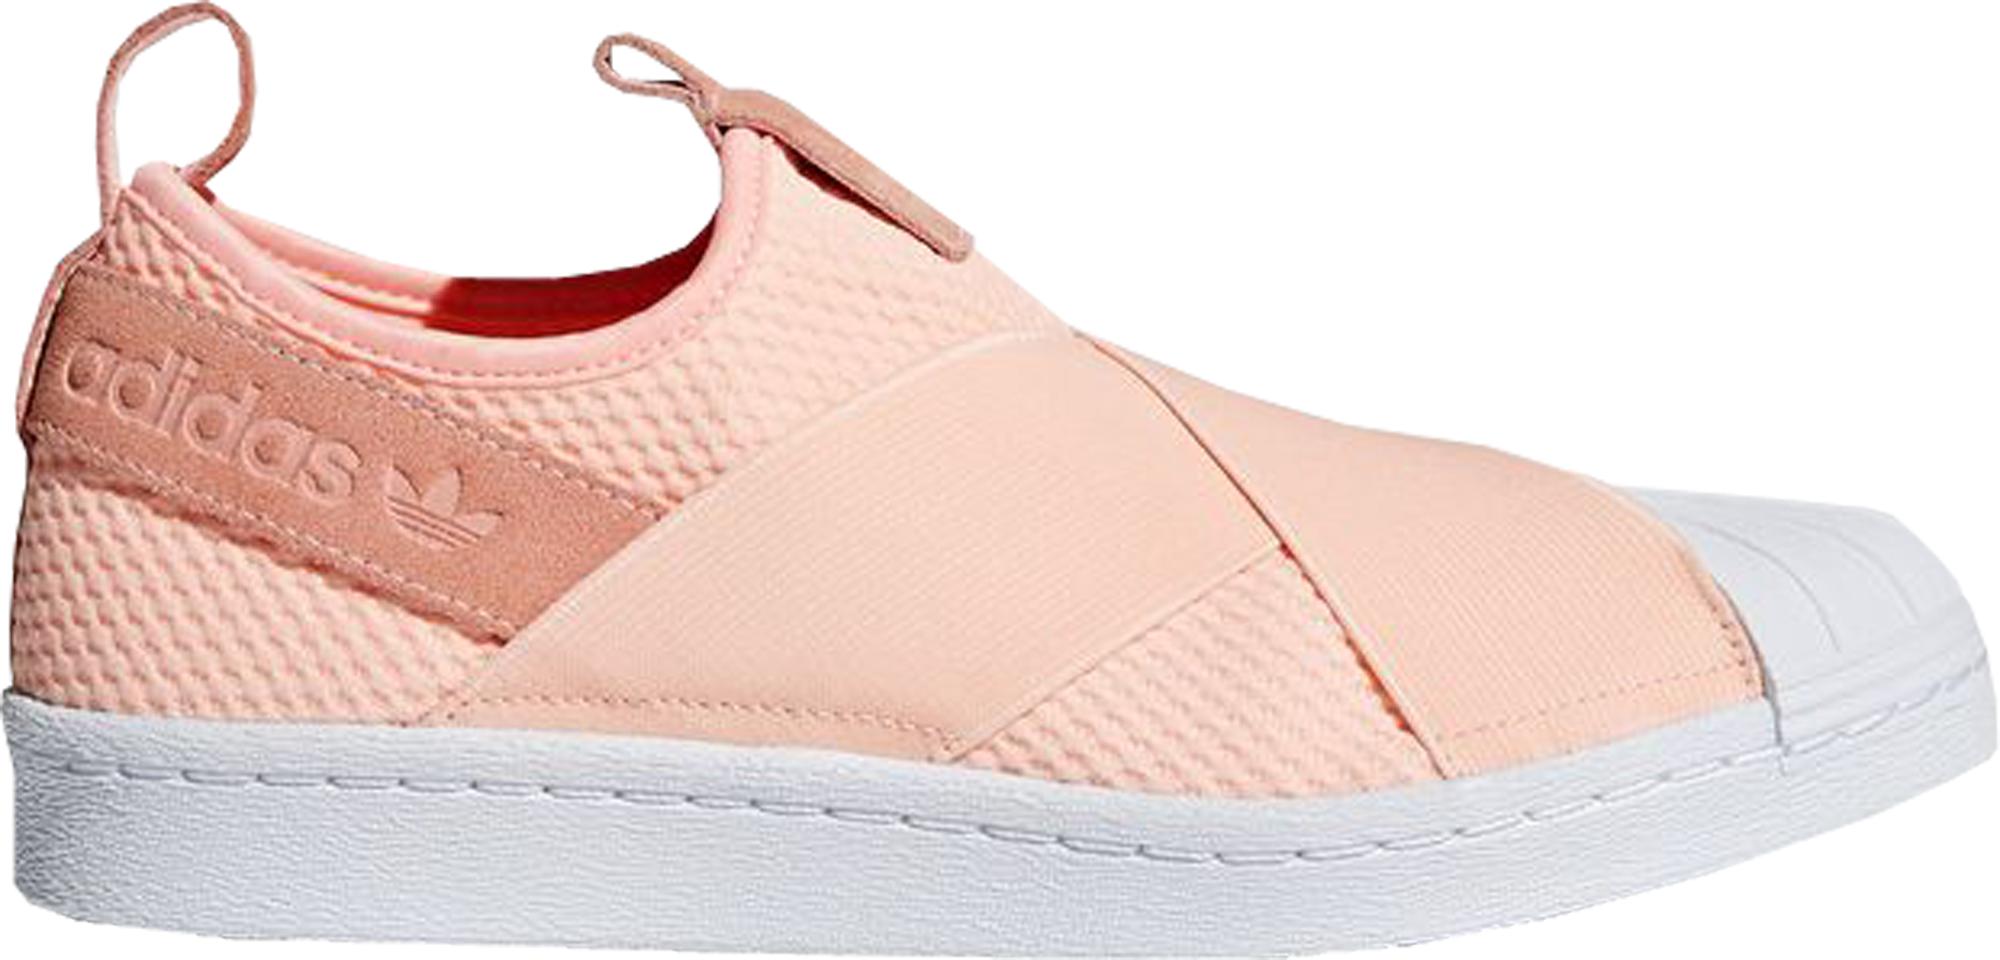 adidas Superstar Slip-On Clear Orange